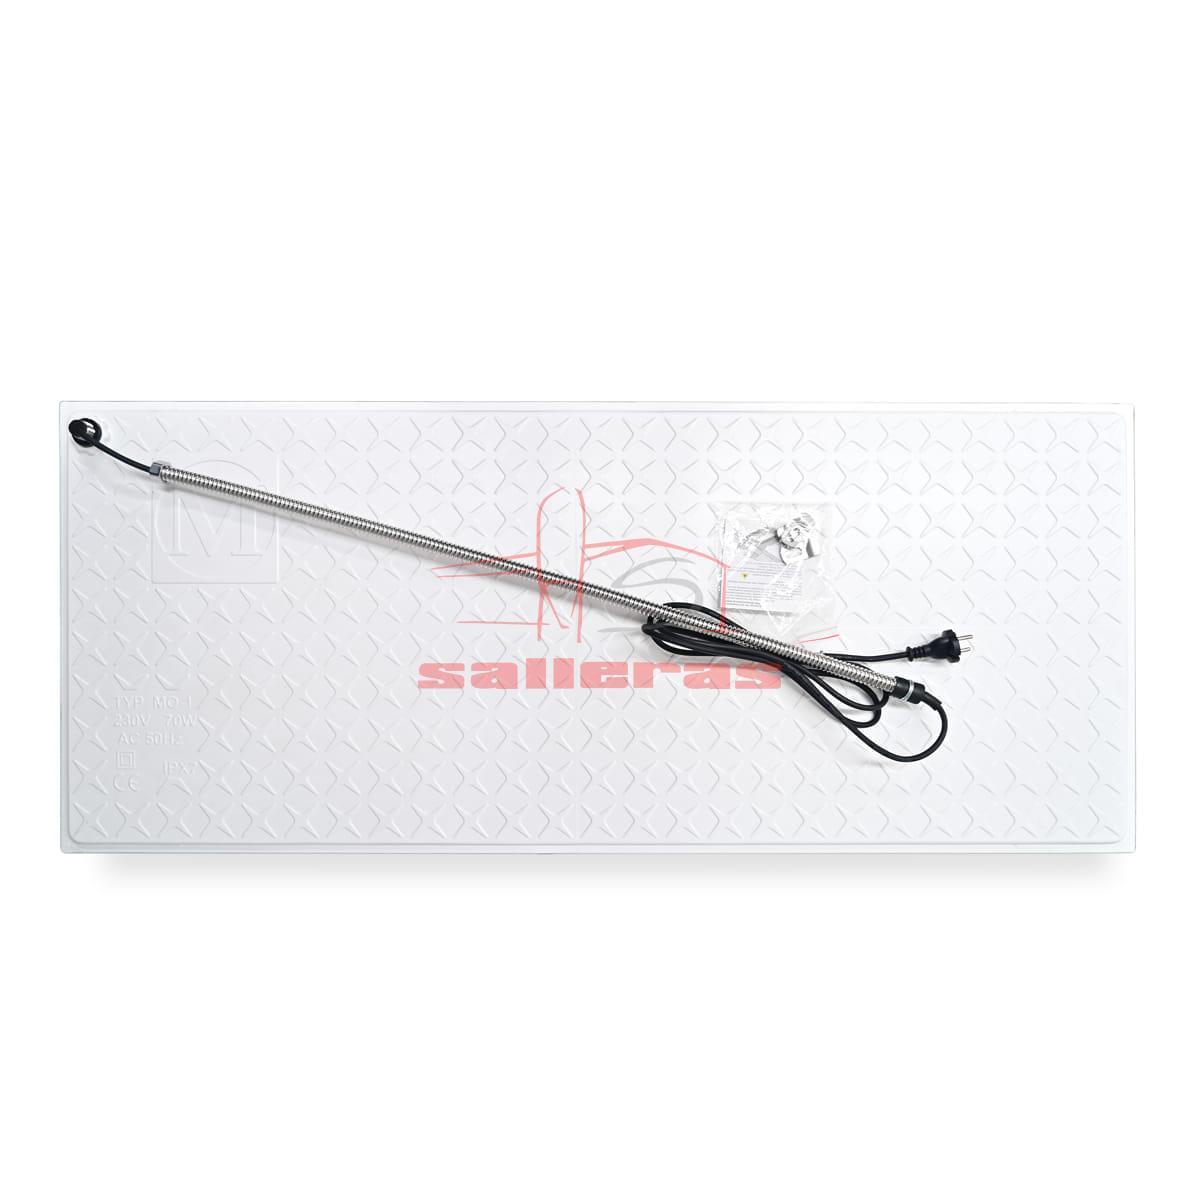 Placa calefactora de poliester electrica amarilla con cable